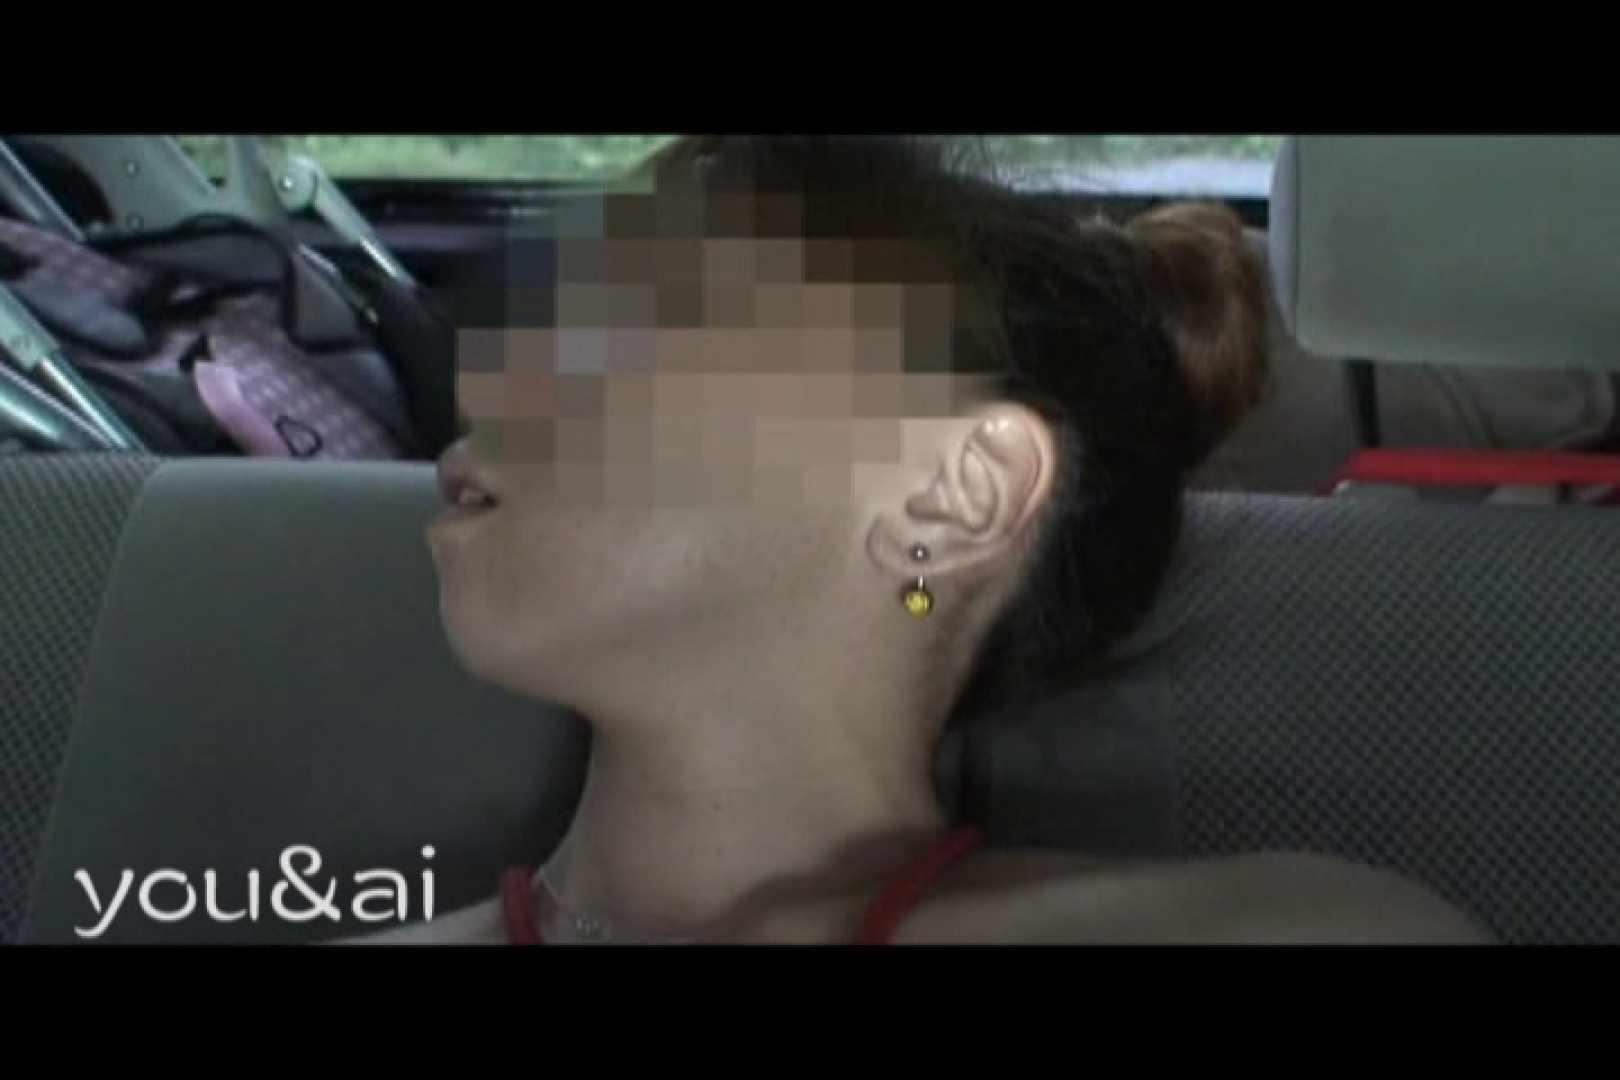 おしどり夫婦のyou&aiさん投稿作品vol.4 SEXプレイ AV無料 59連発 25